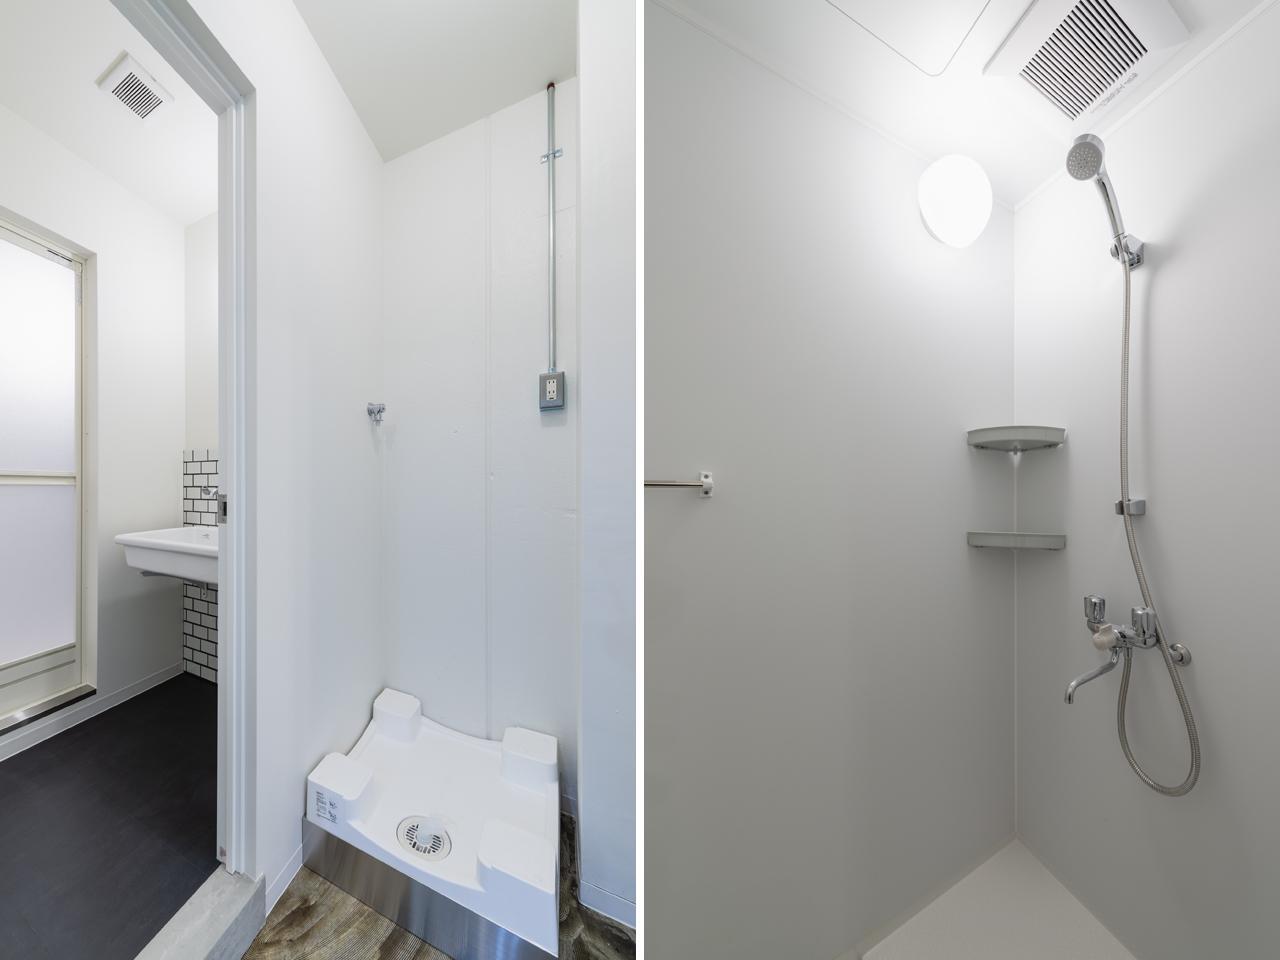 共用のシャワールーム・洗濯機もあります(写真は洗濯機設置前)